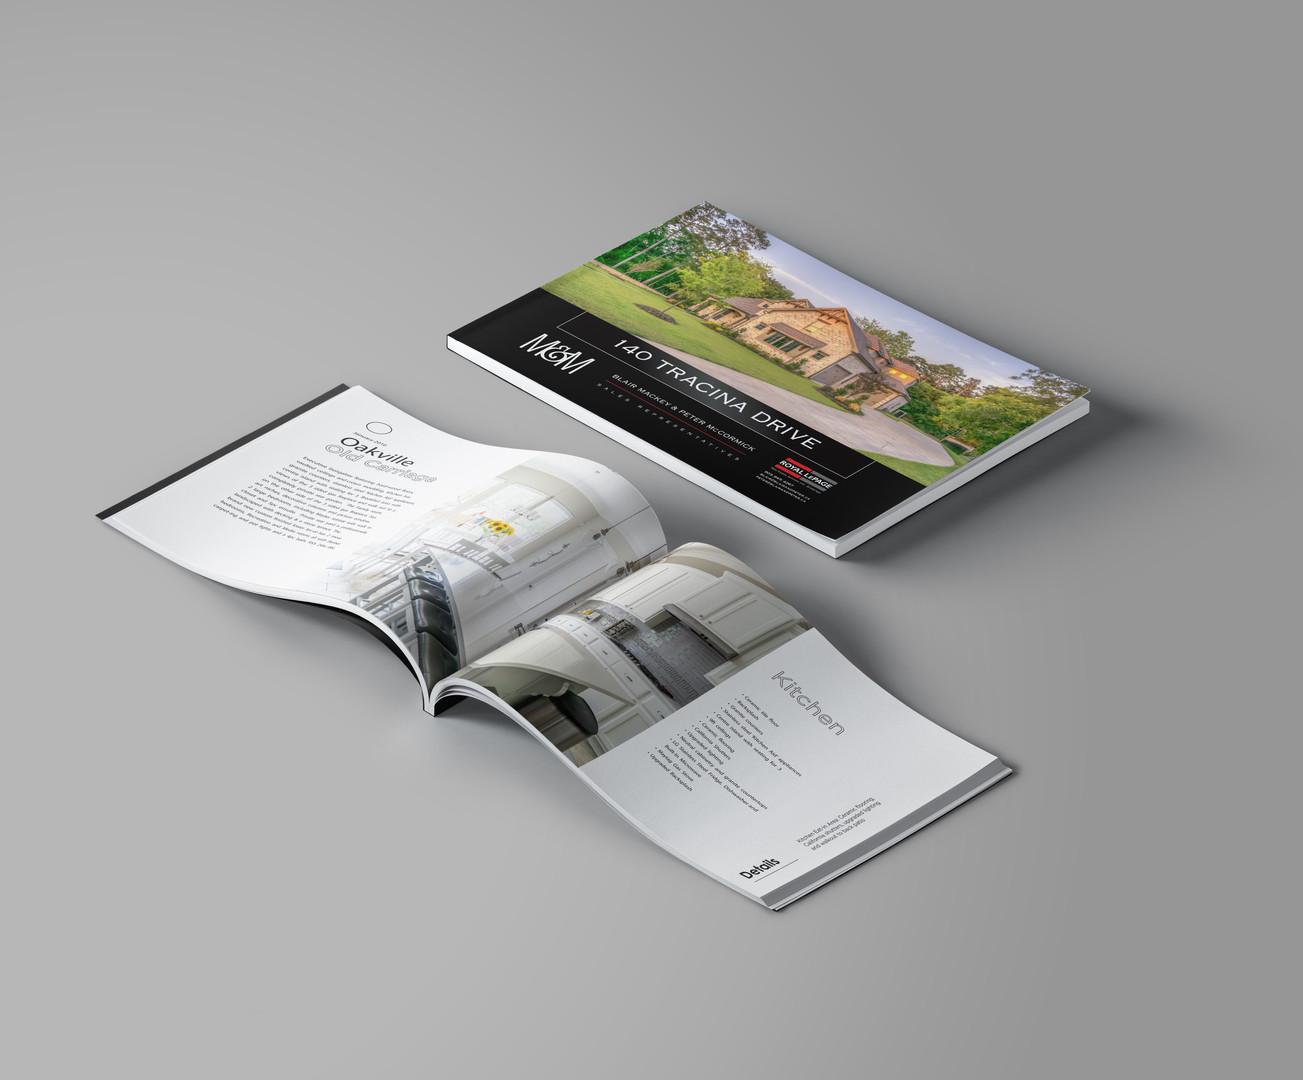 Mandm-featureBook.jpg